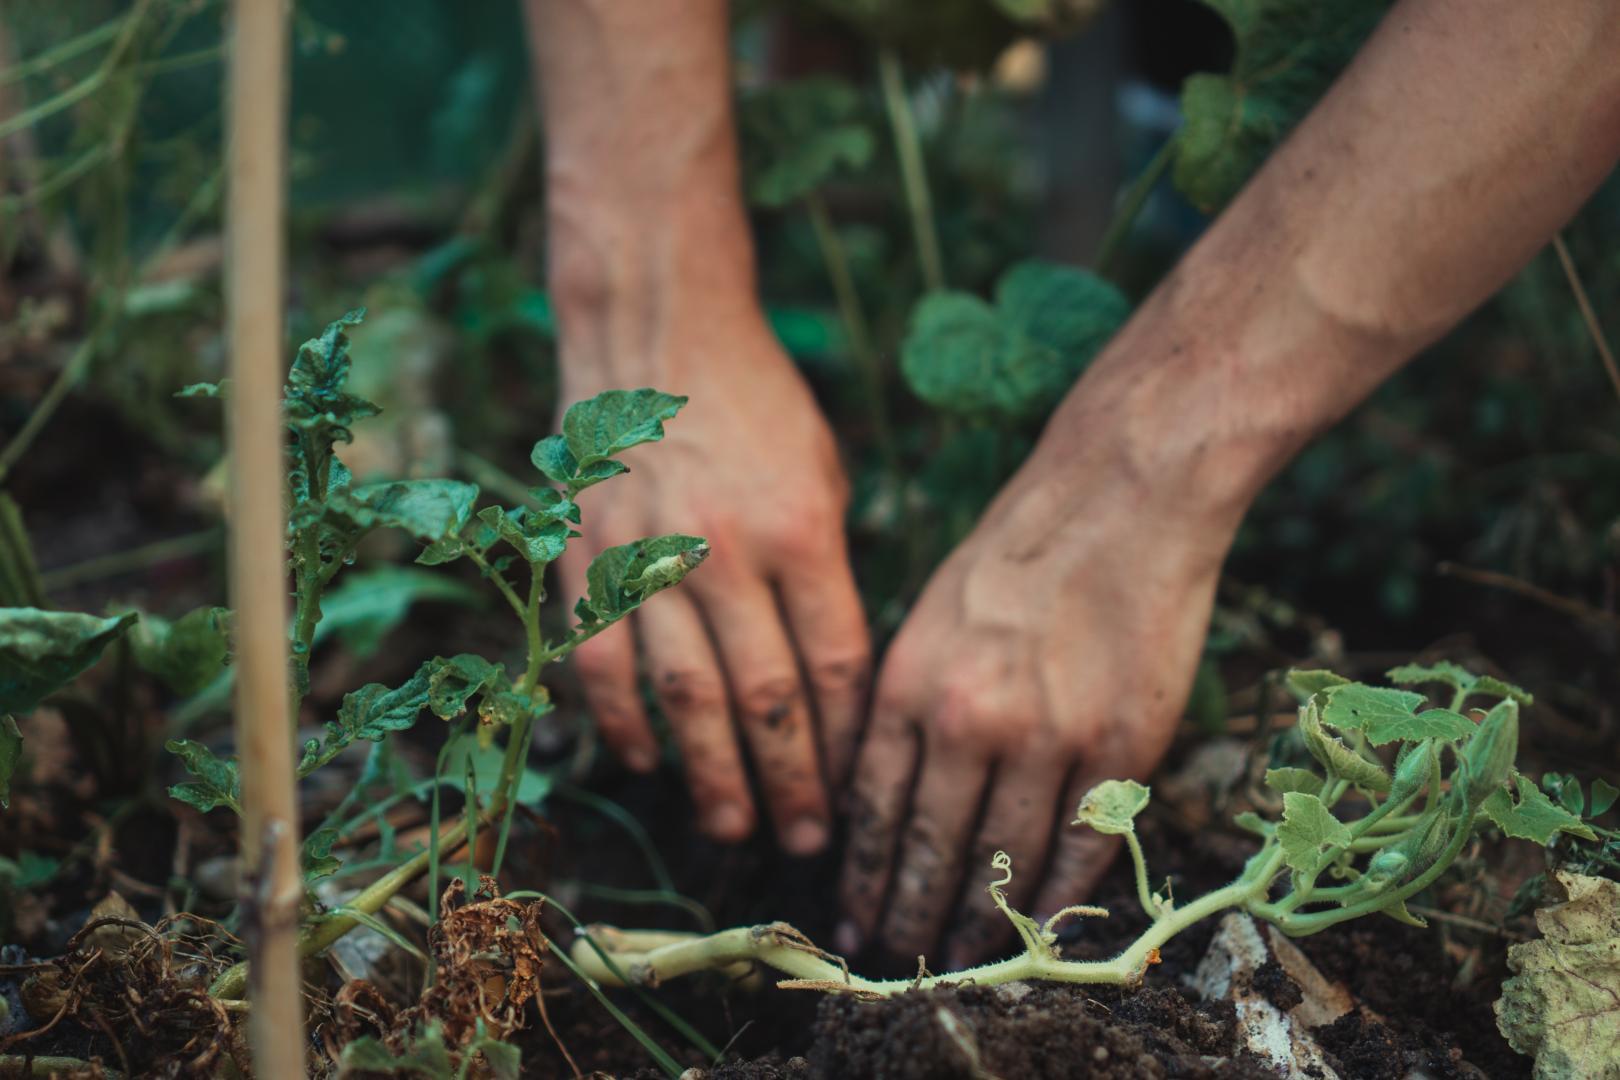 Hände bei der entspannenden Gartenarbeit